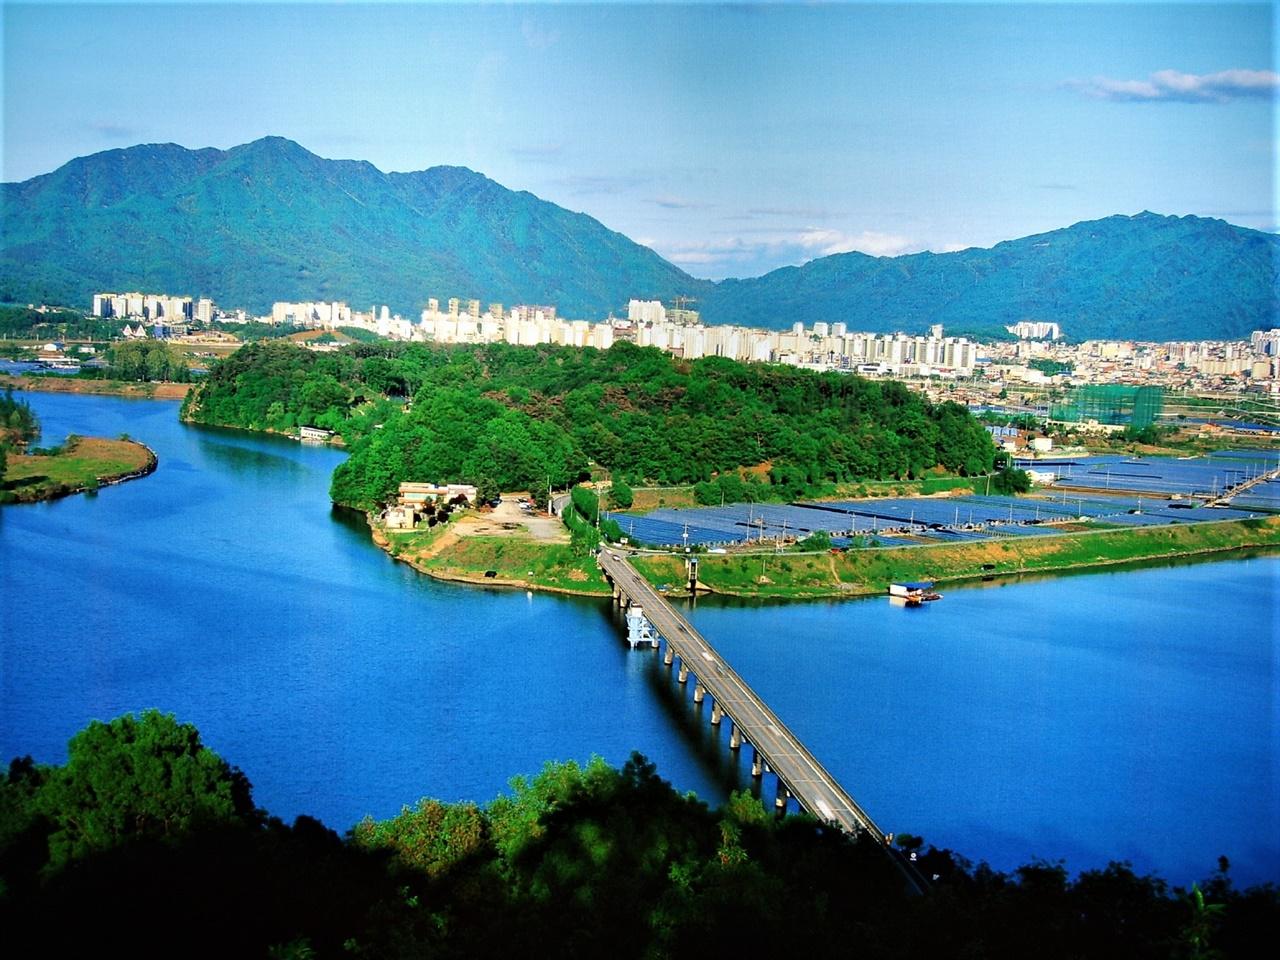 탄금대 모습 옛 탄금대교가 있는 모습으로 미루어 2013년 이전 모습이다. 멀리 충주시가지가 보이고, 남한강가 절벽으로 이뤄진 탄금대 모습이 수려하다.